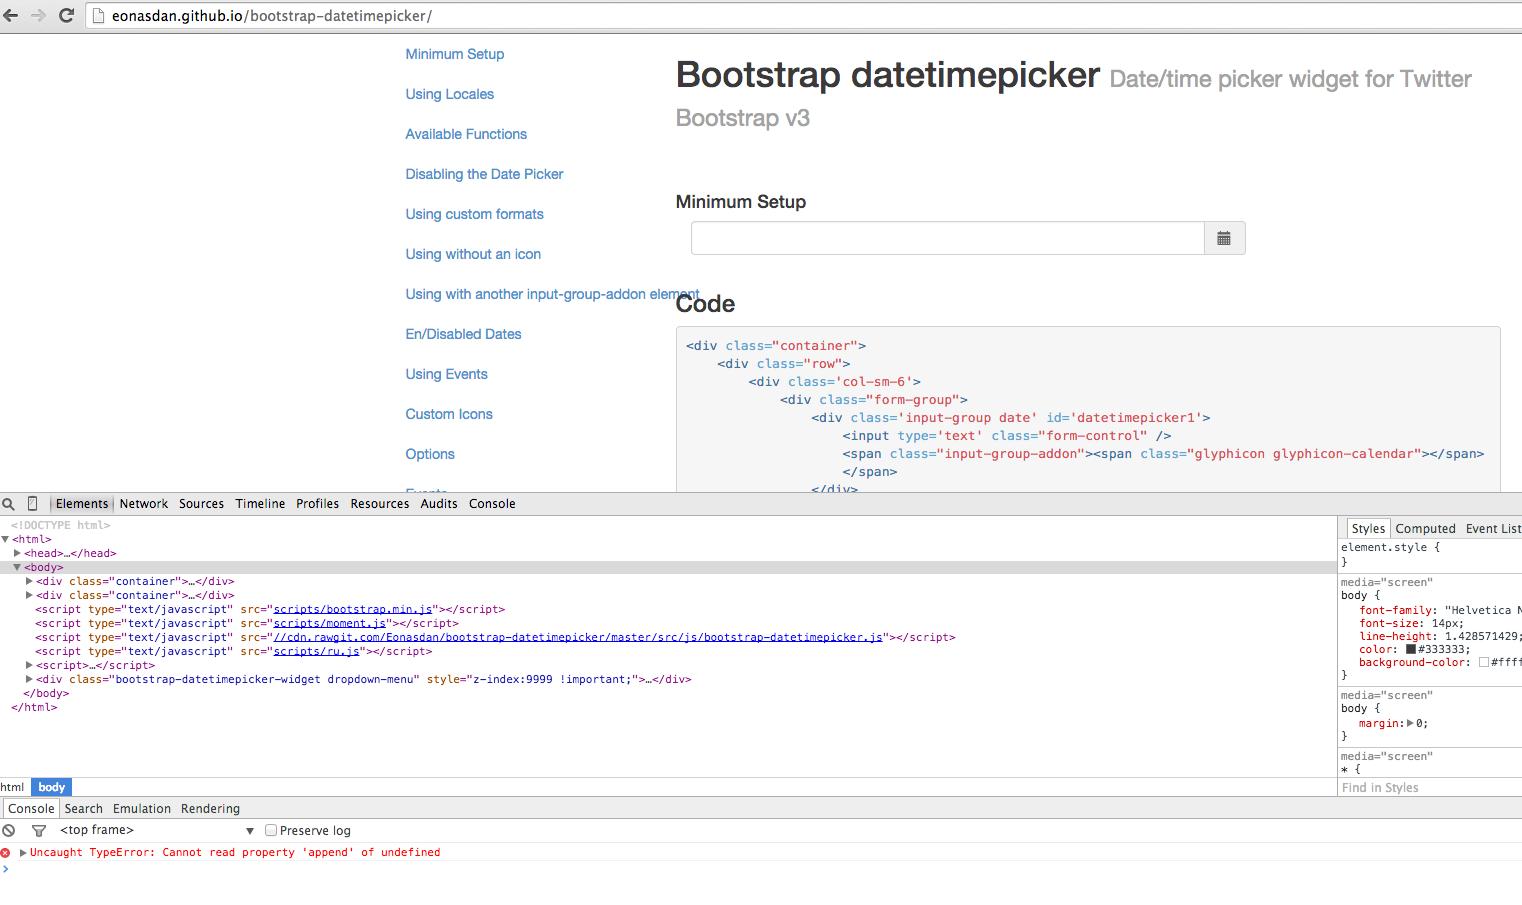 bootstrap_datetimepicker